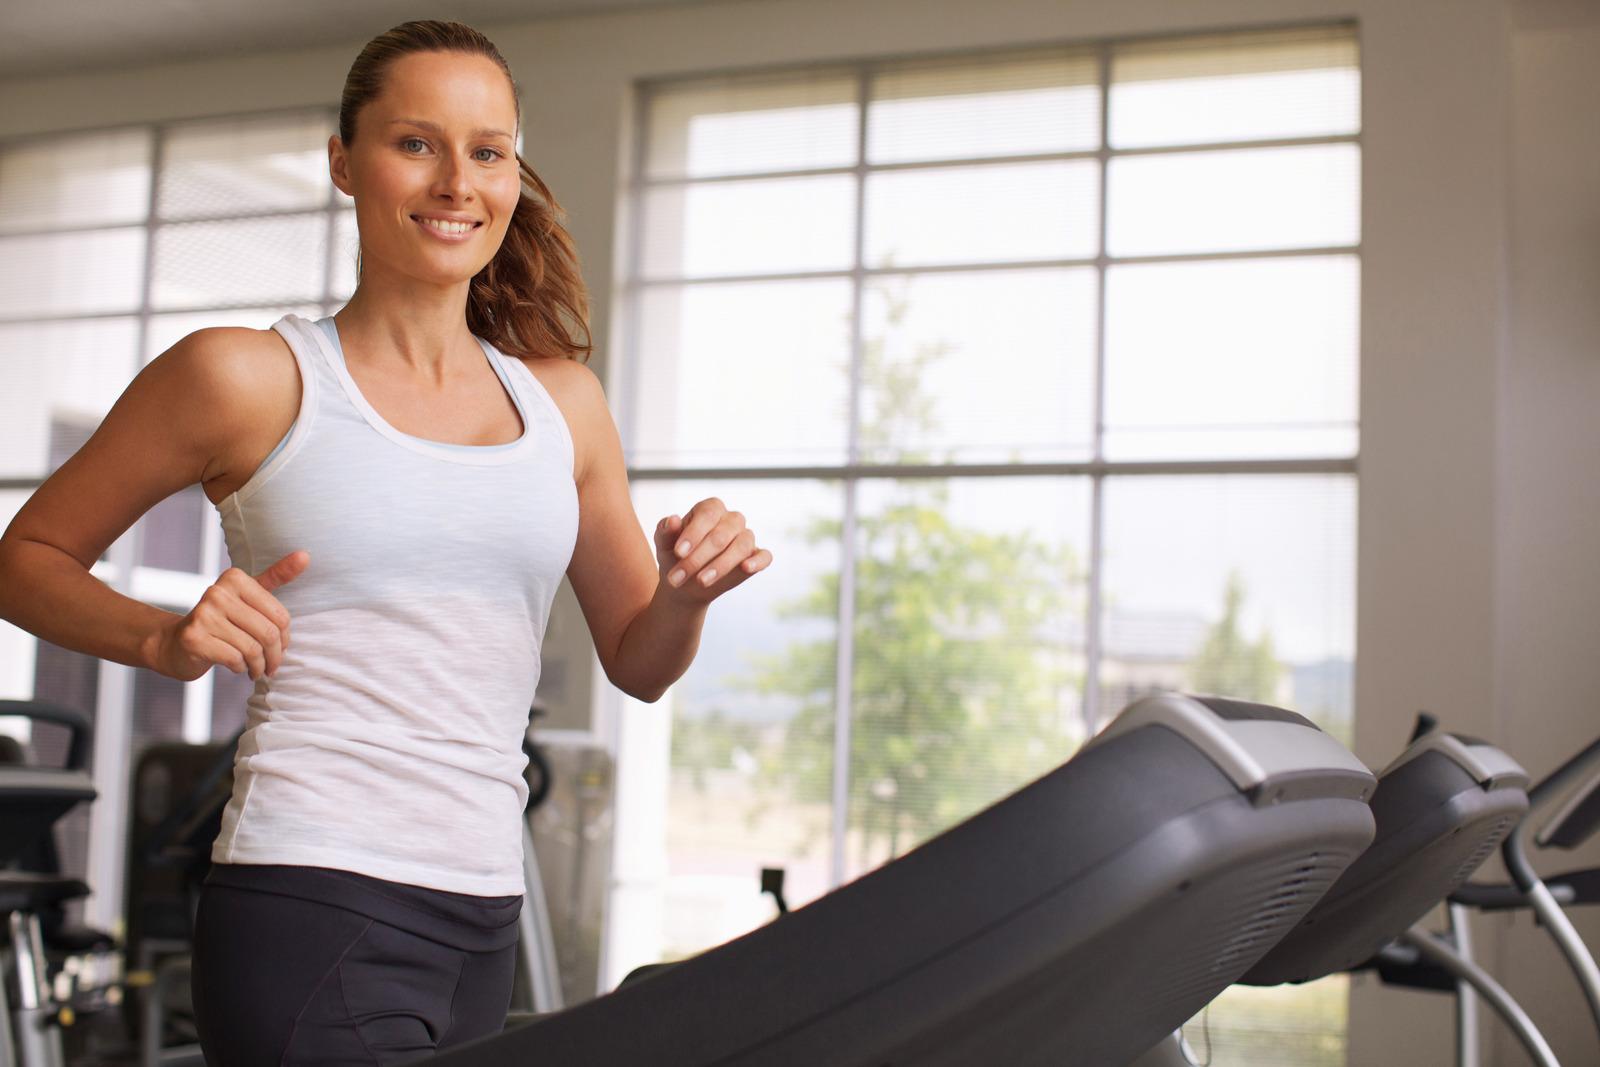 Ćwiczenia na bieżni zmniejszają ból menstruacyjny